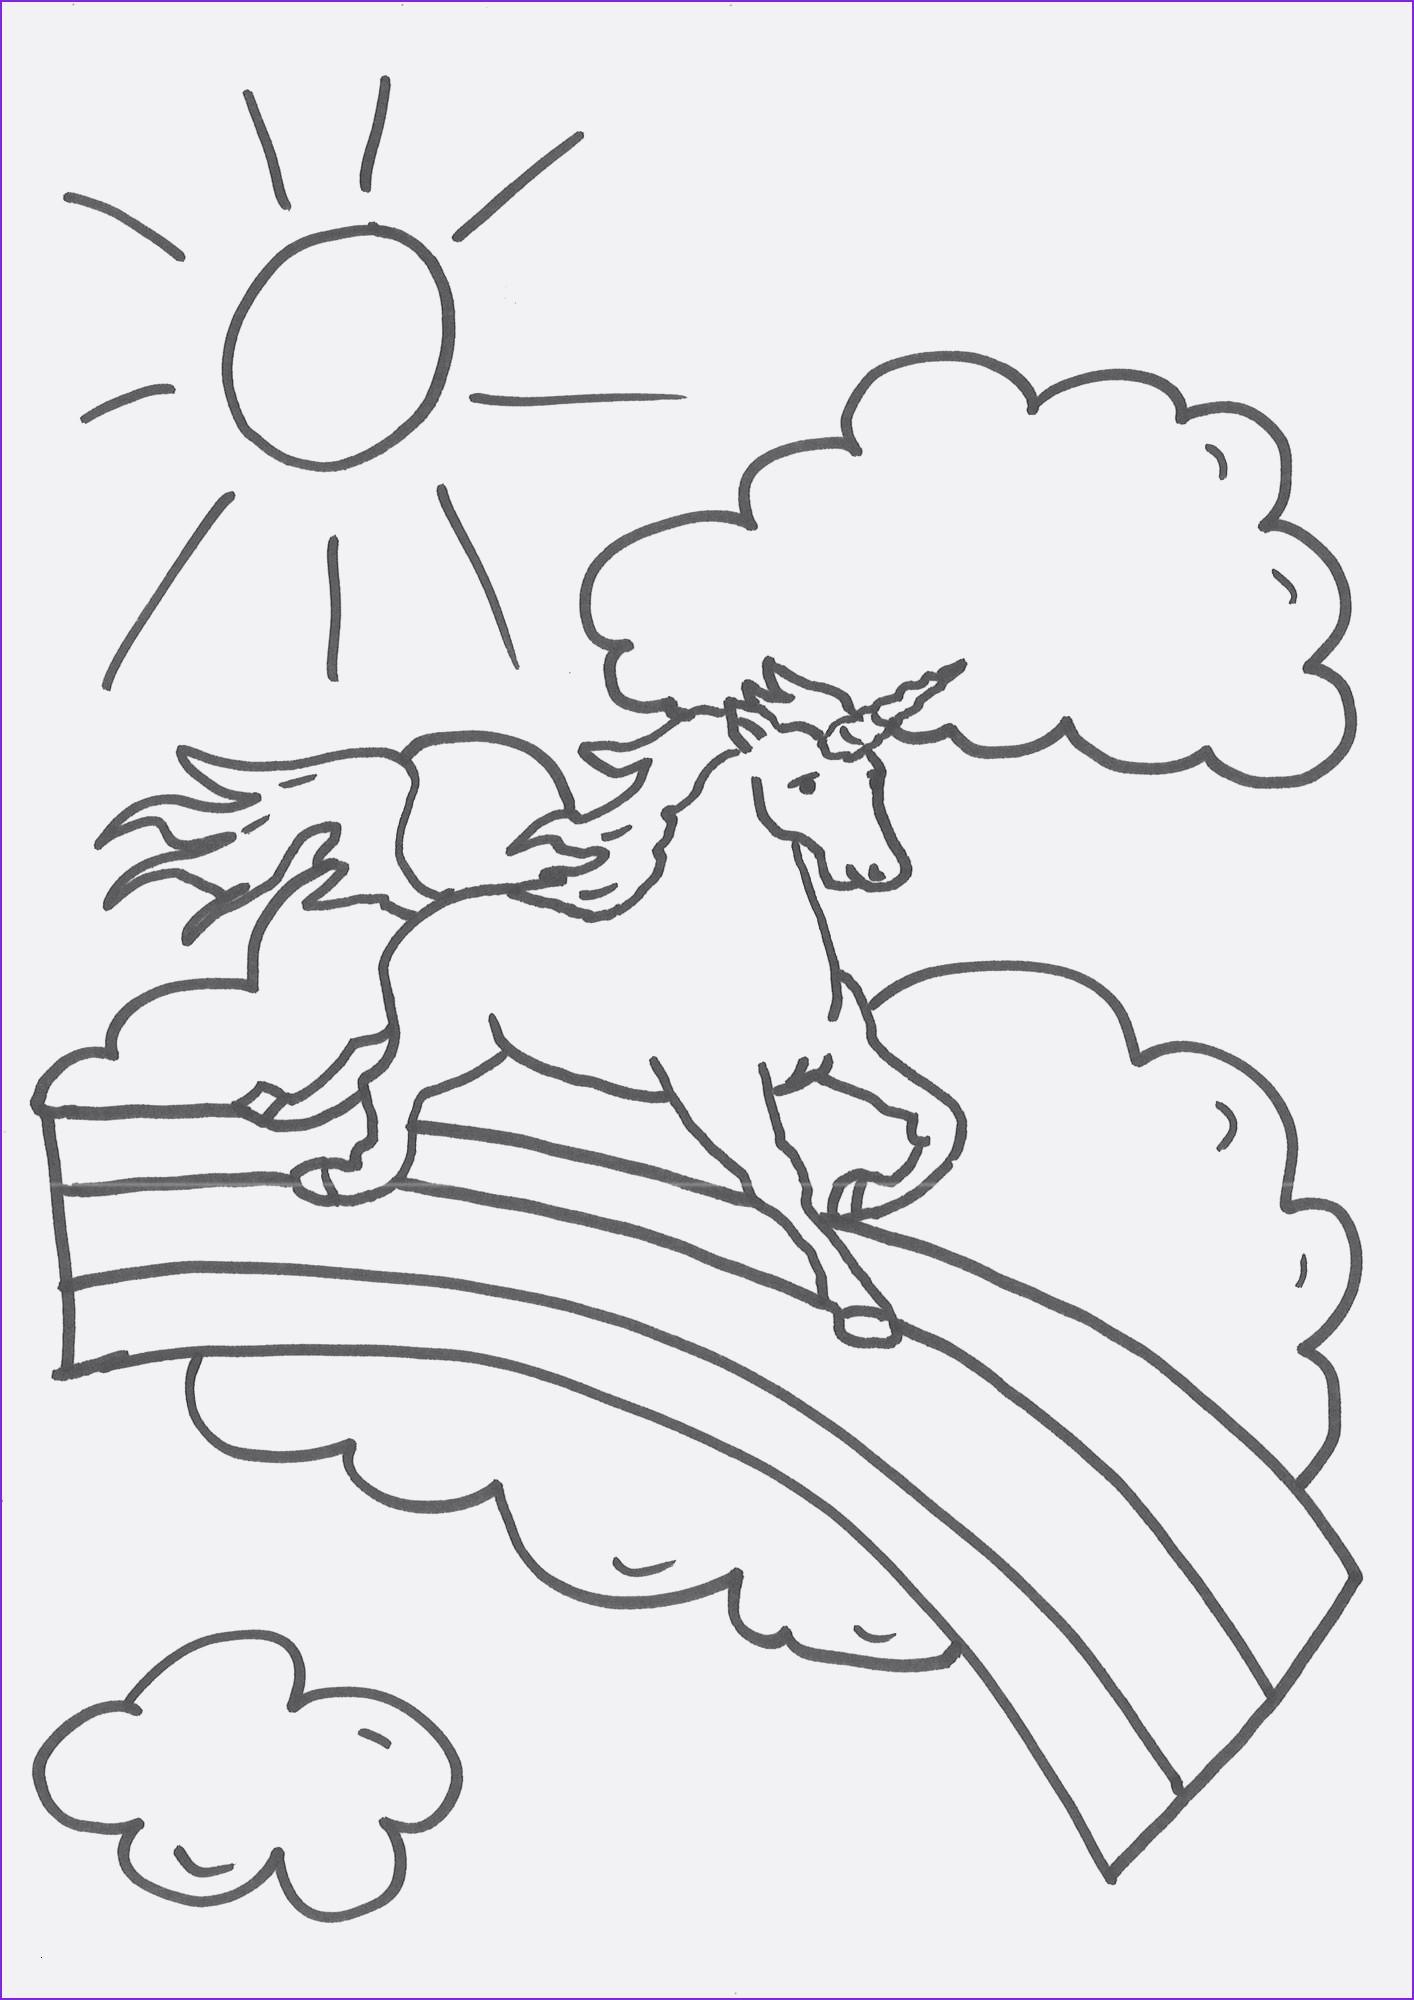 Ausmalbilder Einhorn Pummel Genial Einhorn Bilder Zum Ausdrucken Am Besten Ausmalbilder Einhorn Pummel Sammlung